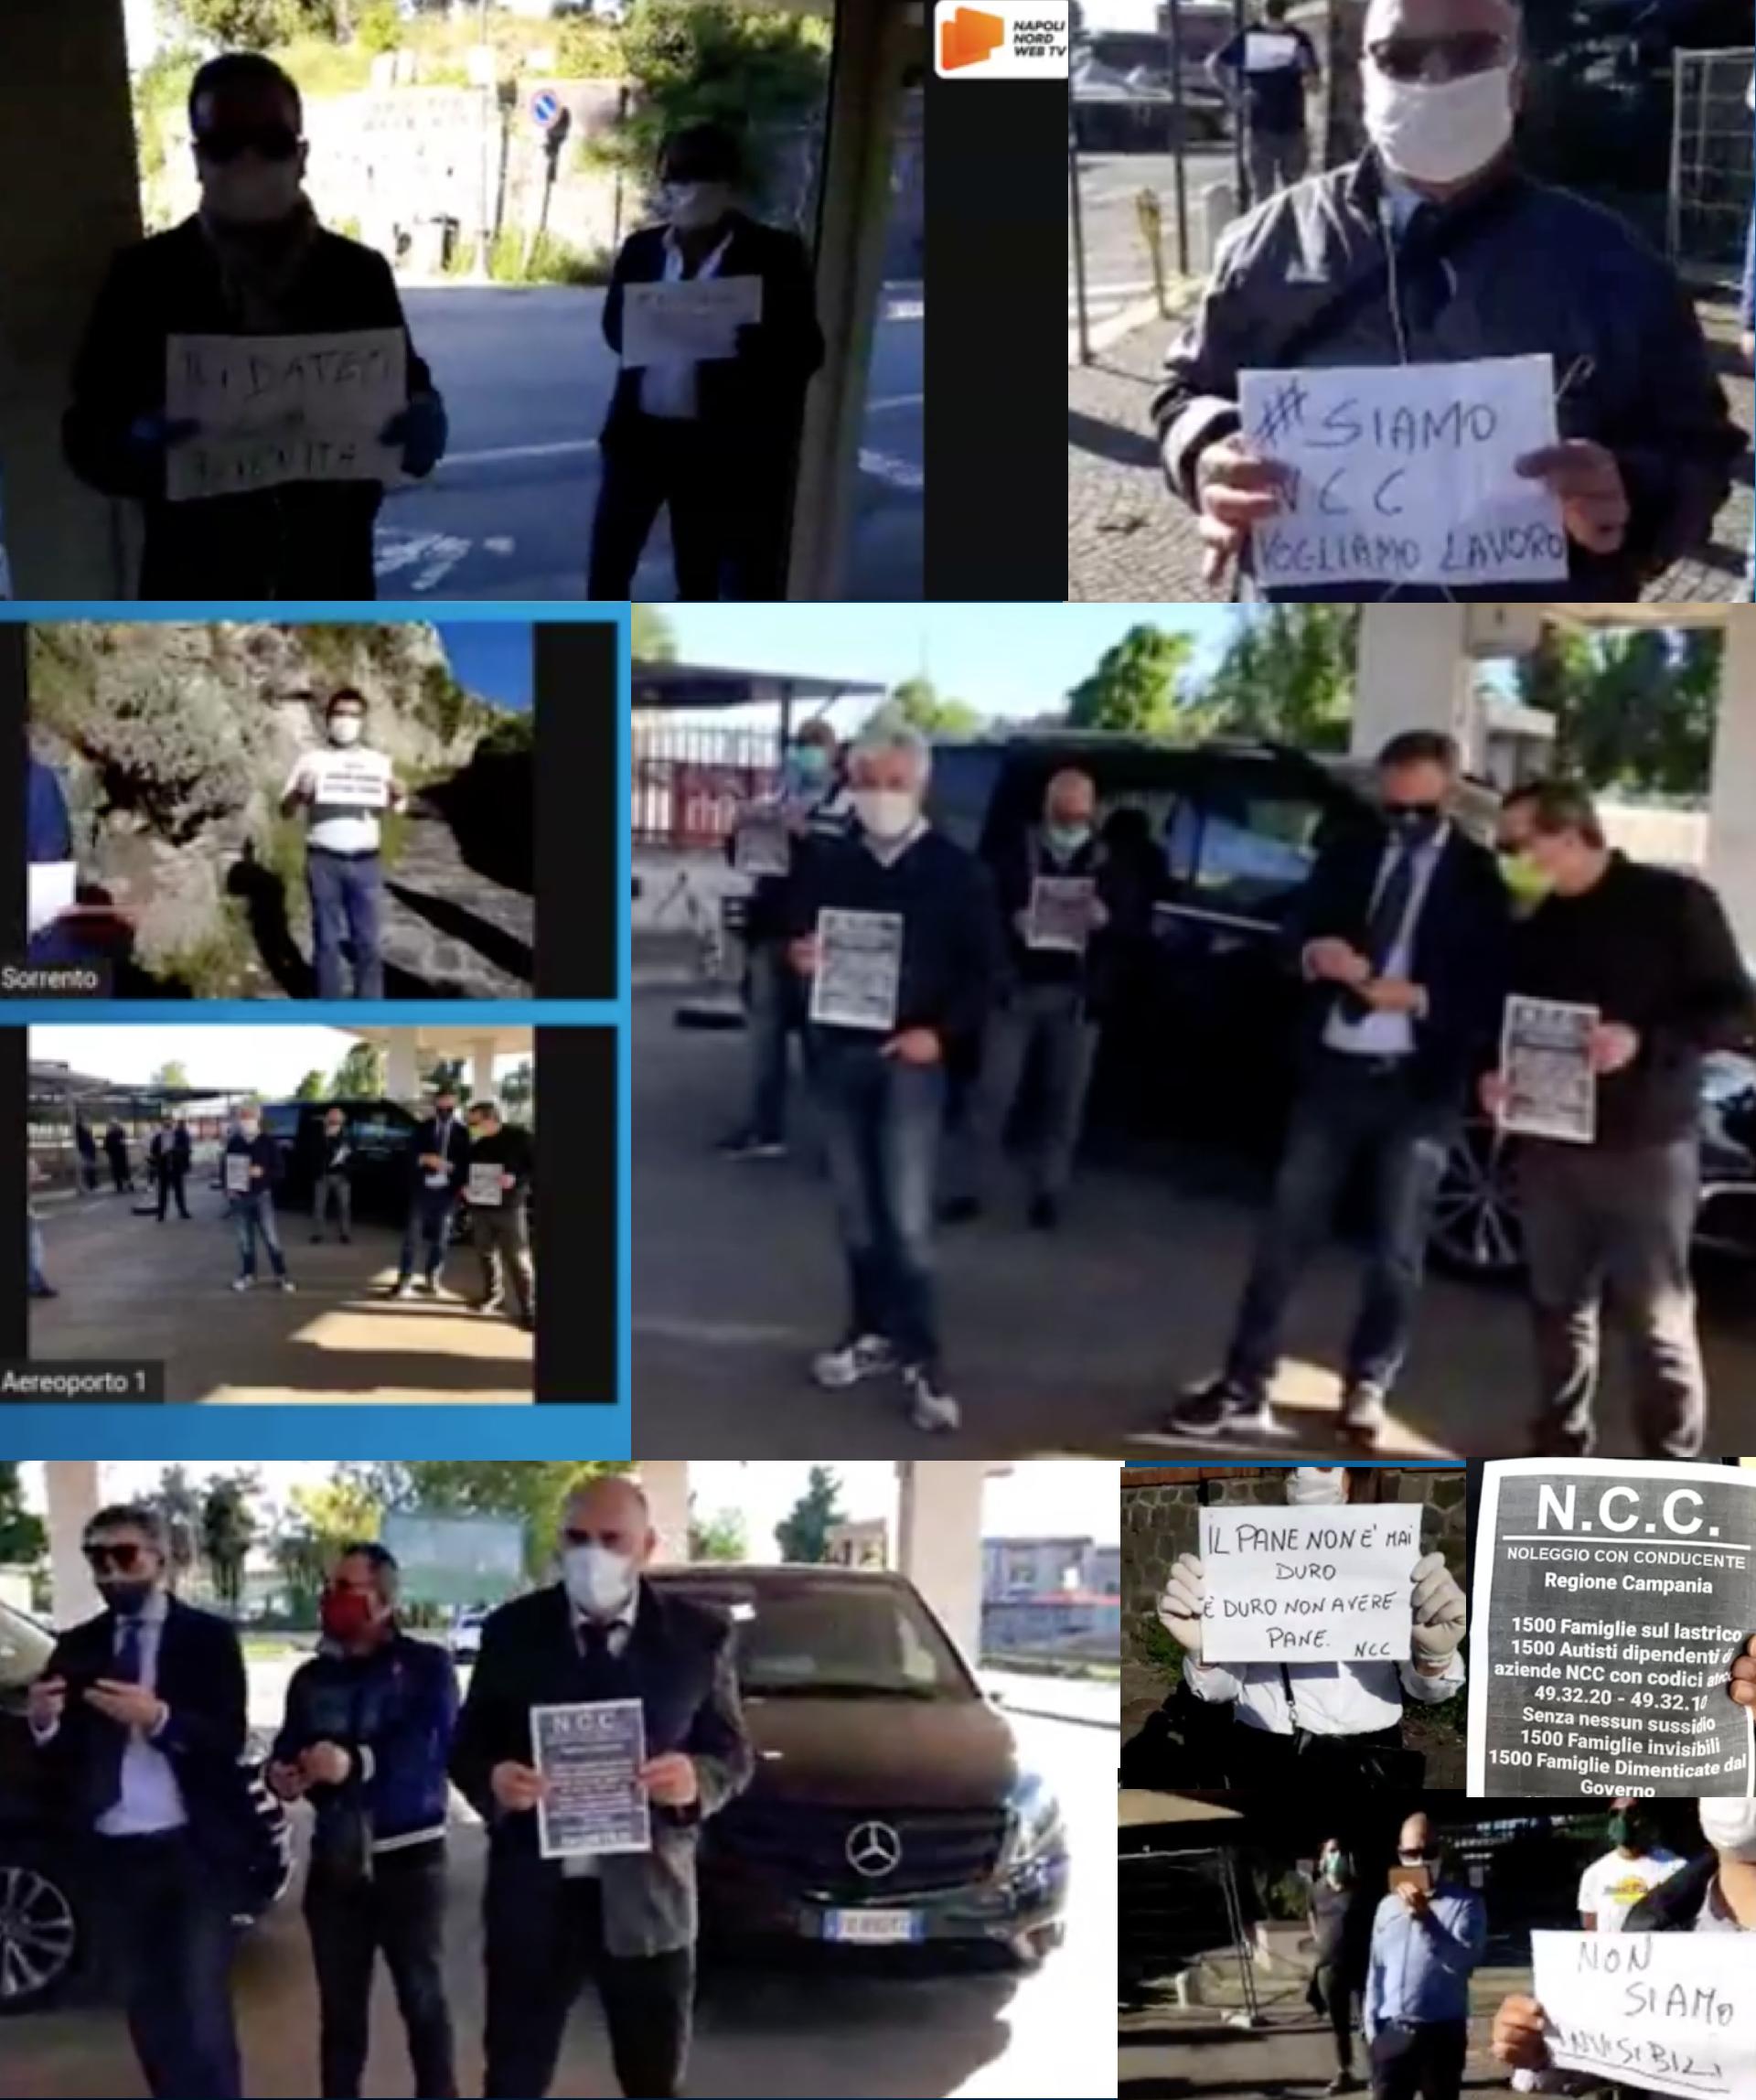 NCC Noleggio Con Conducente, la protesta parte da Napoli Nord Web Tv VIDEO